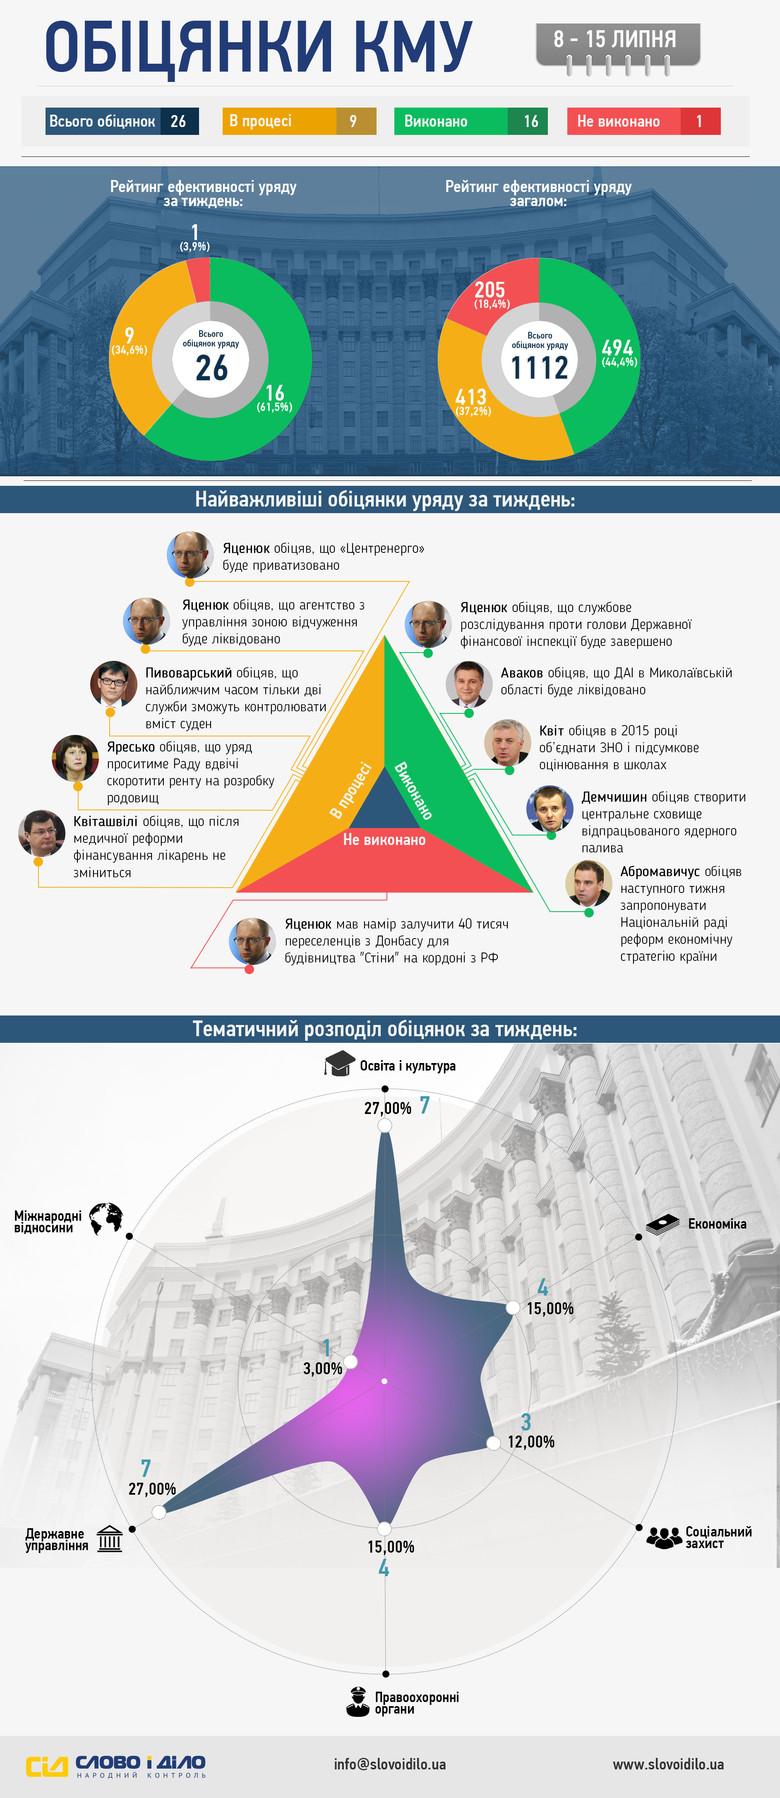 Протягом минулого тижня українські міністри дали 9 нових обіцянок, при цьому 16 власних зобов'язань вони виконали, одне – провалили.